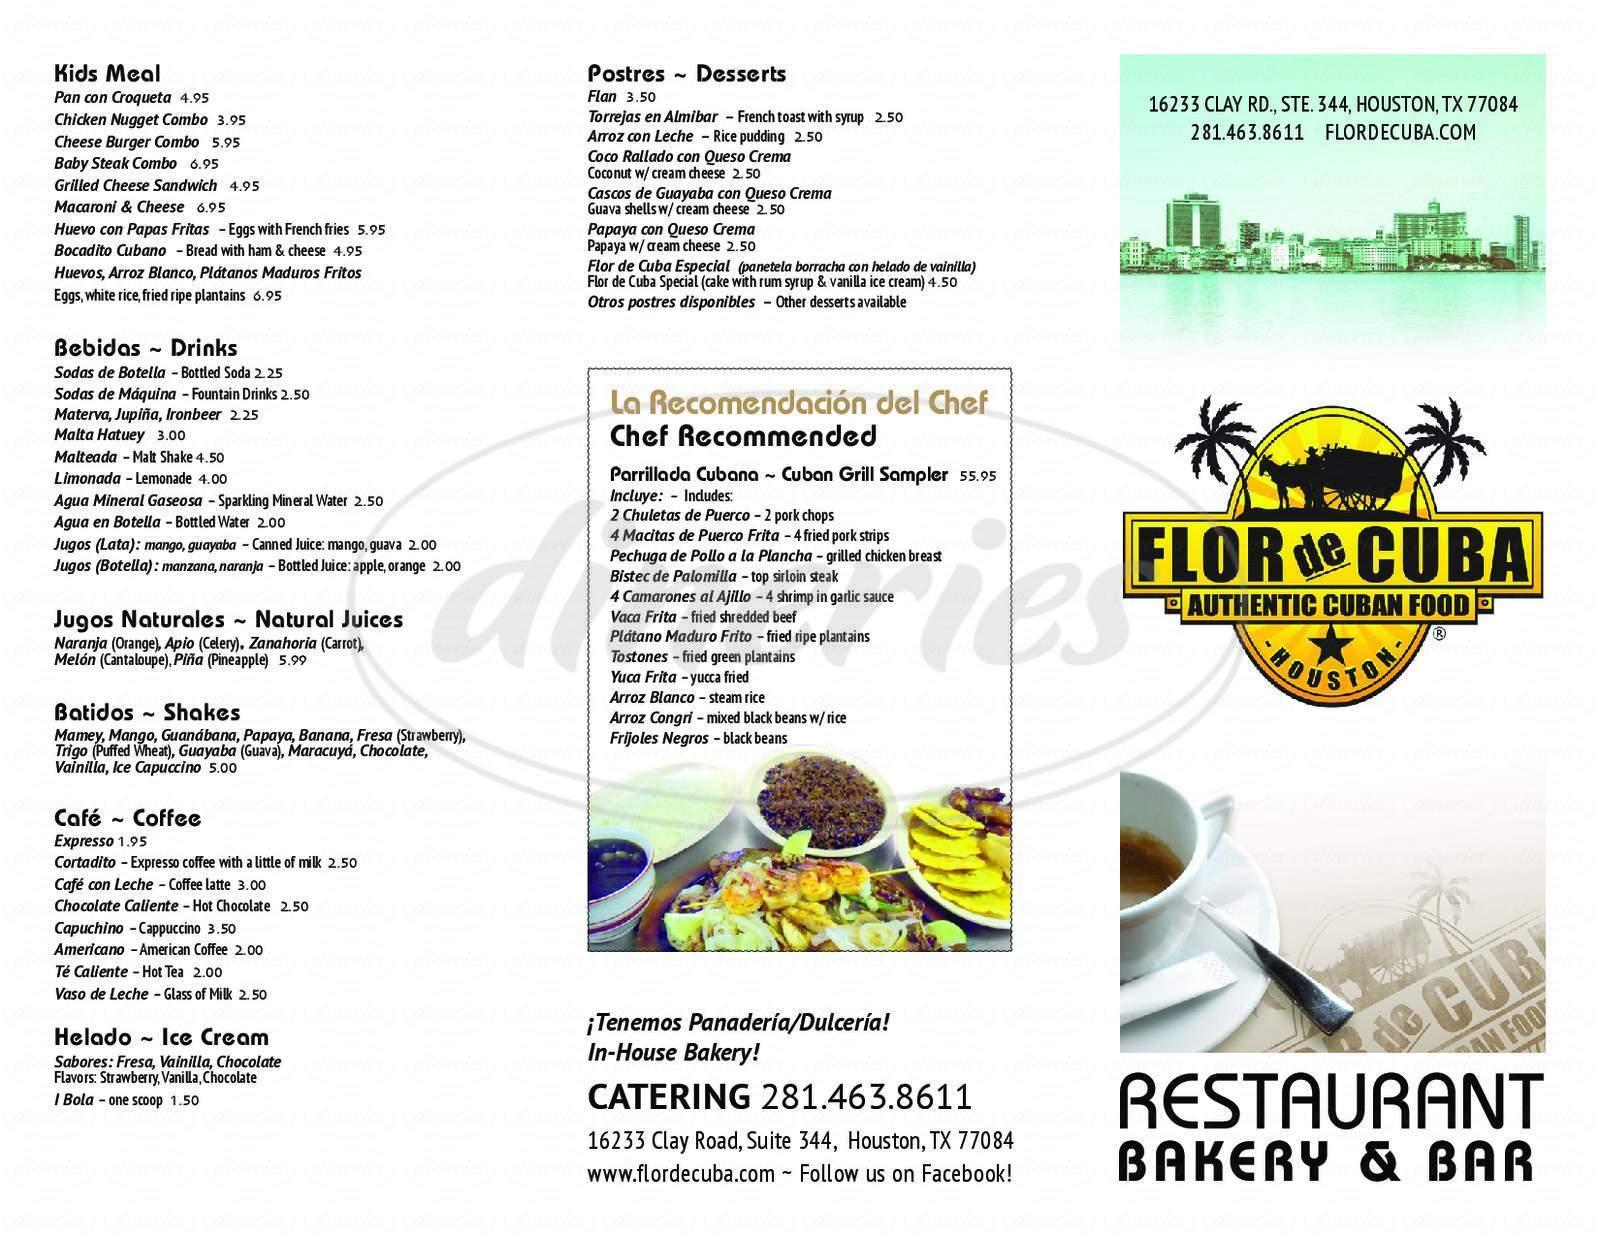 menu for Flor de Cuba